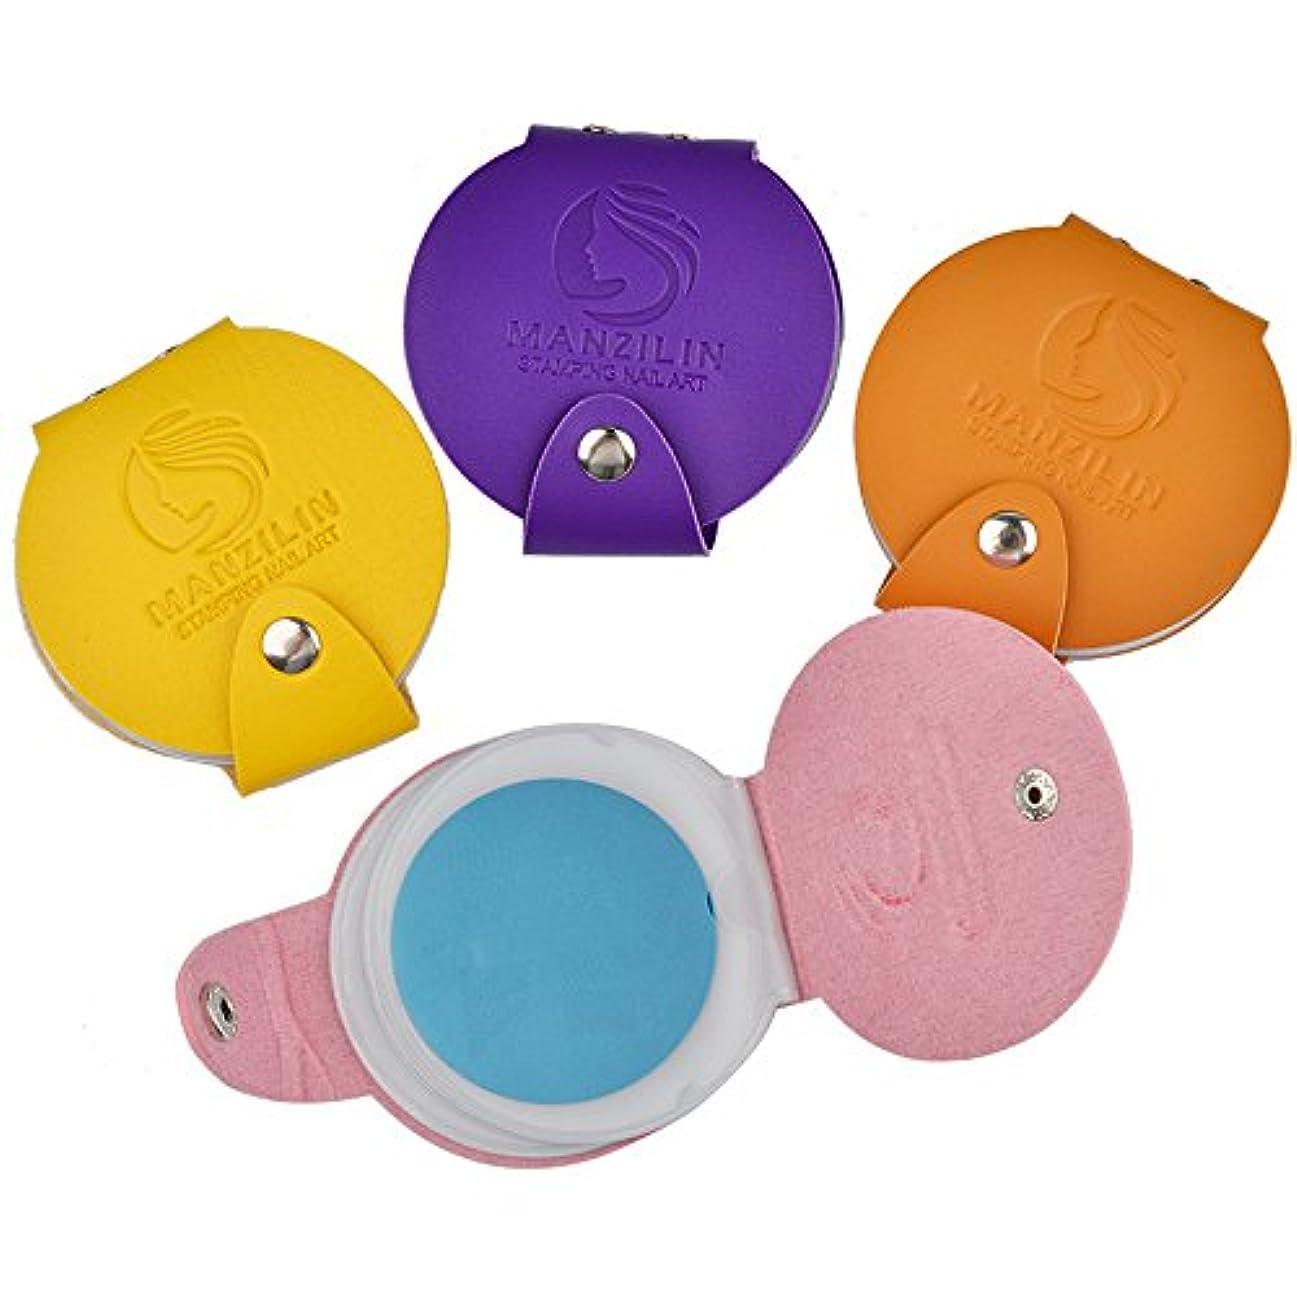 に負けるナインへ言及するスタンププレートケース イメージプレート収納ケース ネイルスタンプコレクションネイルツール12位(直径は5.6cmの円形スタンププレートに適する) (ピンク)